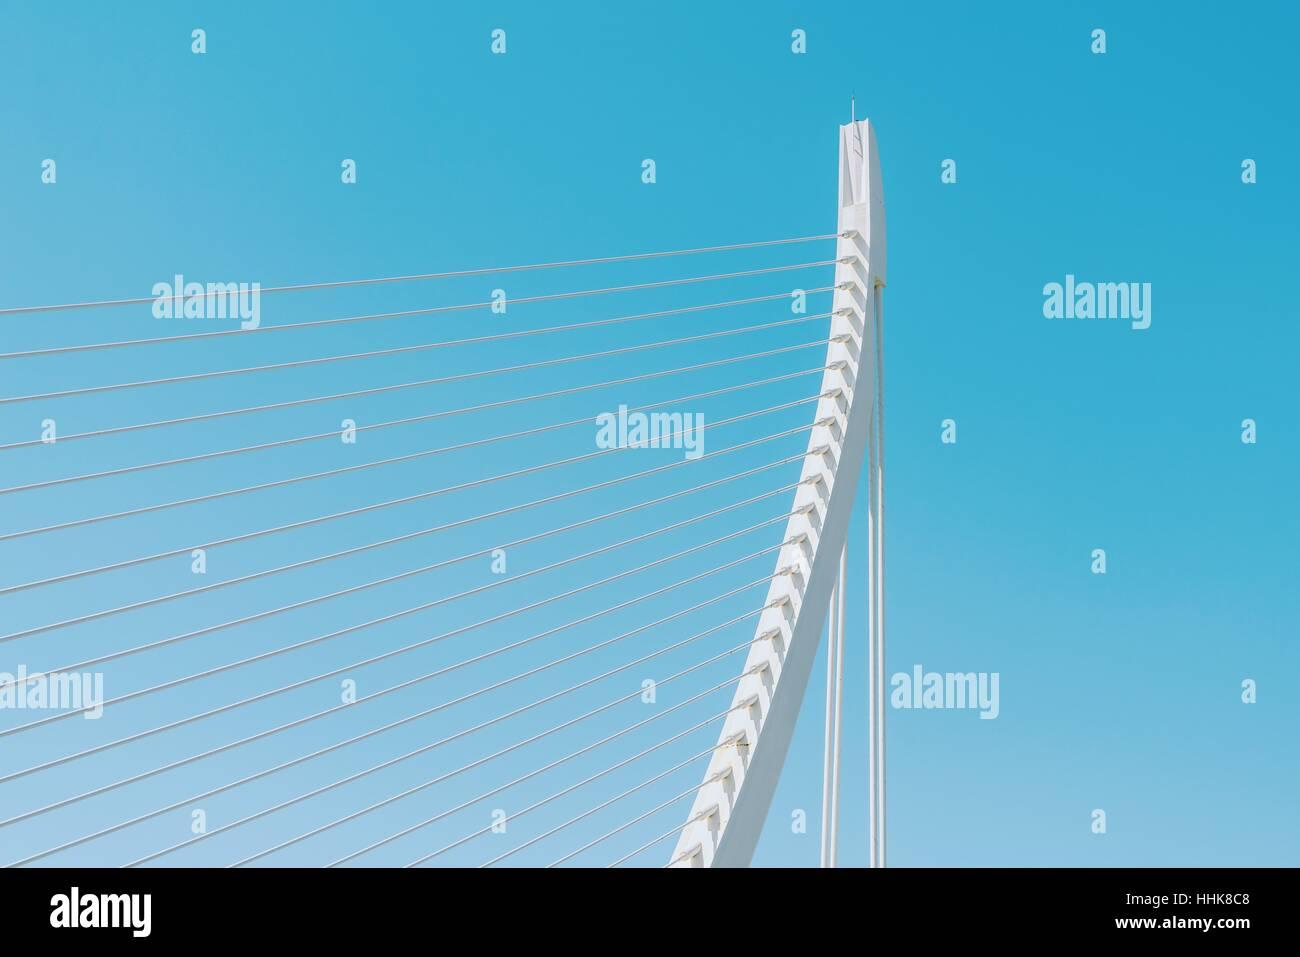 Resumen de Estructura de Puente Blanco sobre el cielo Foto de stock